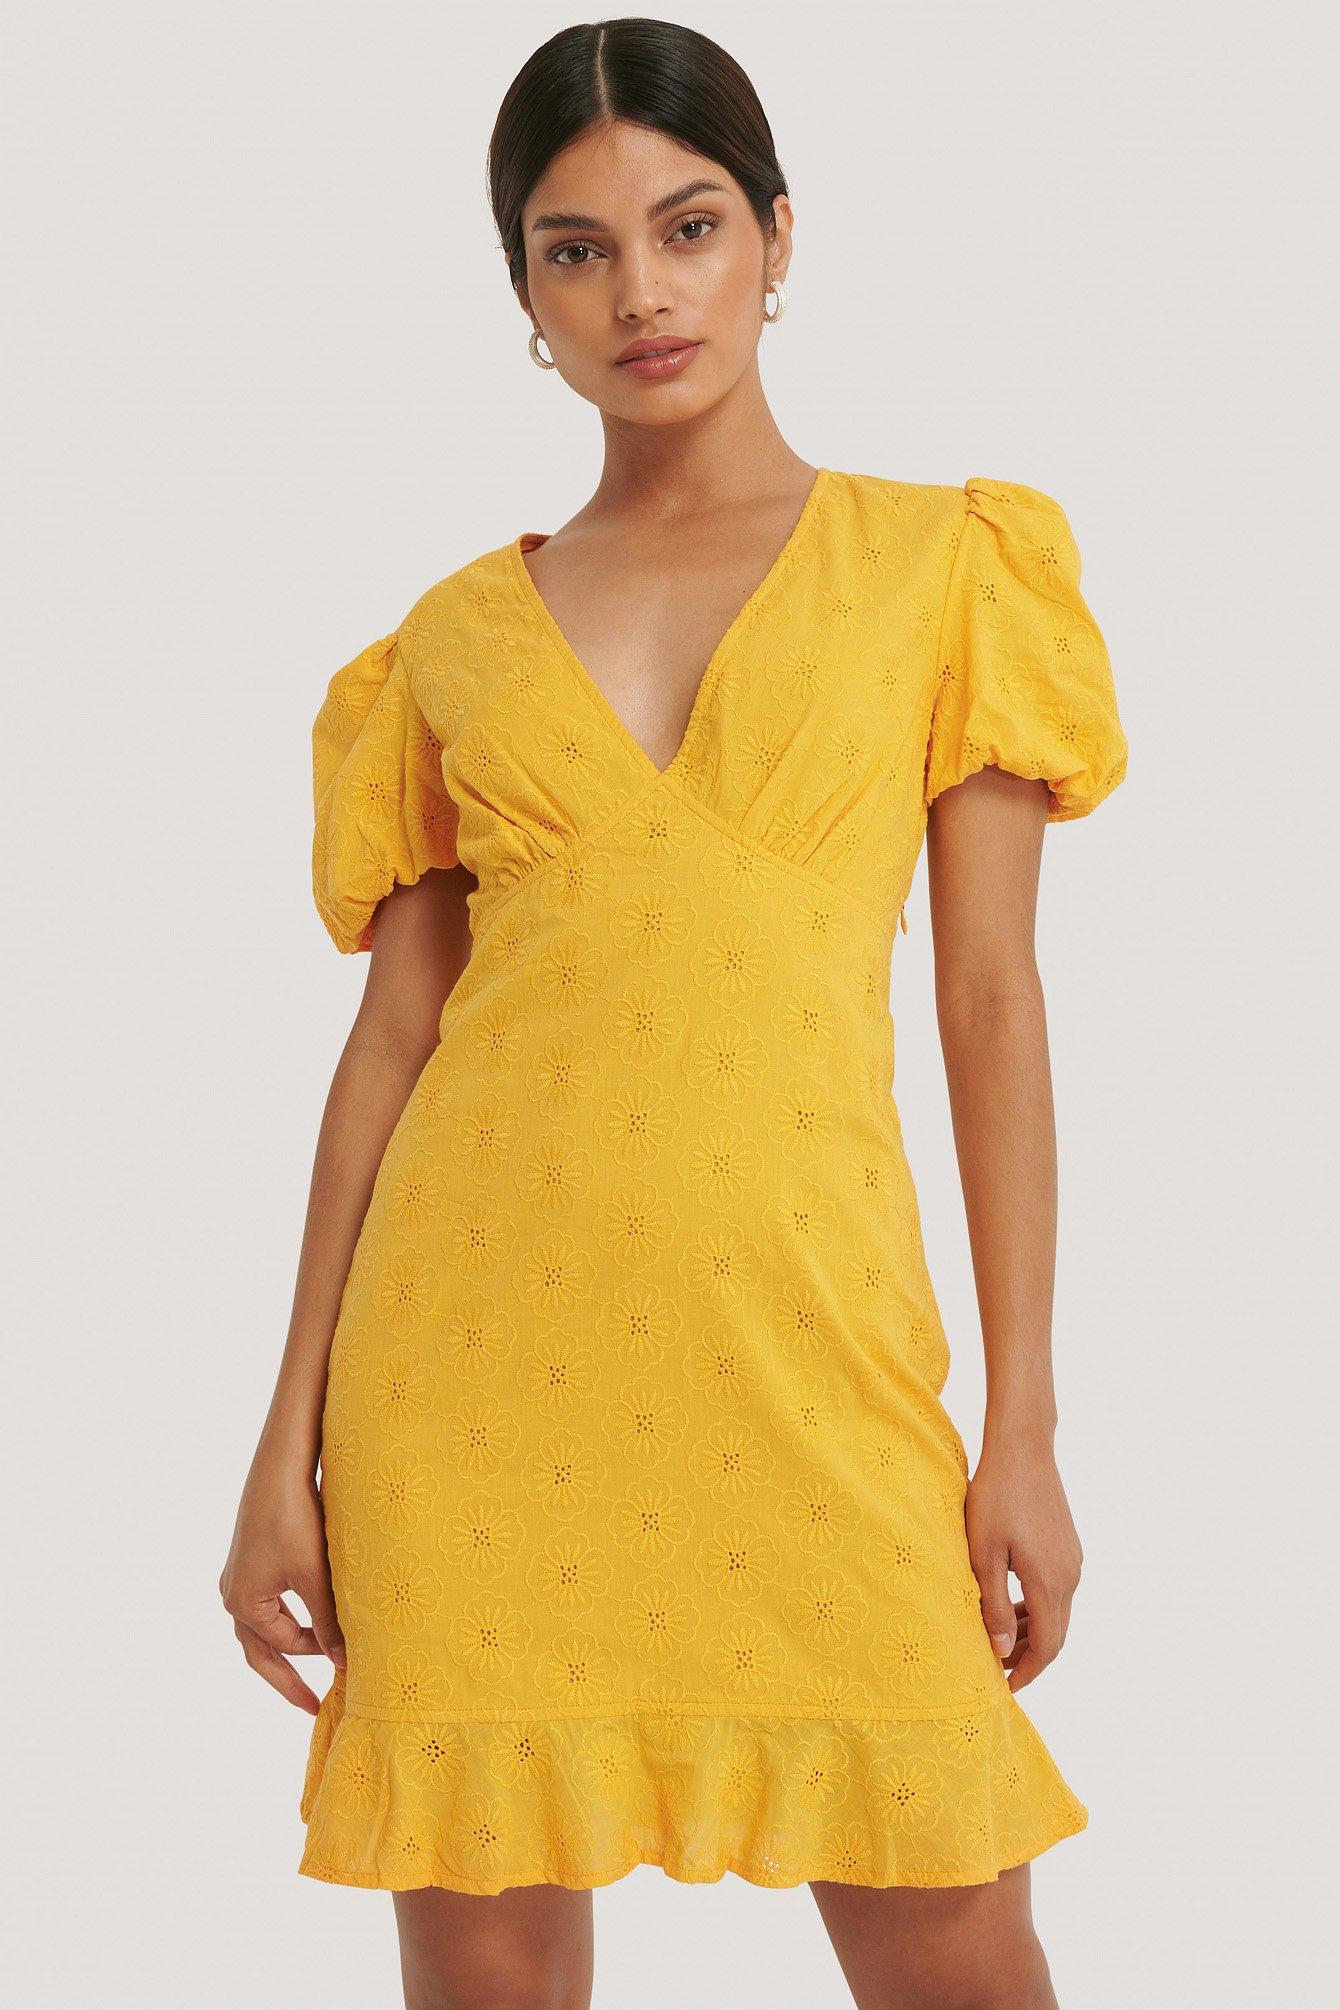 na-kd boho -  Stickerei-Blumenkleid Mit V-Ausschnitt - Yellow